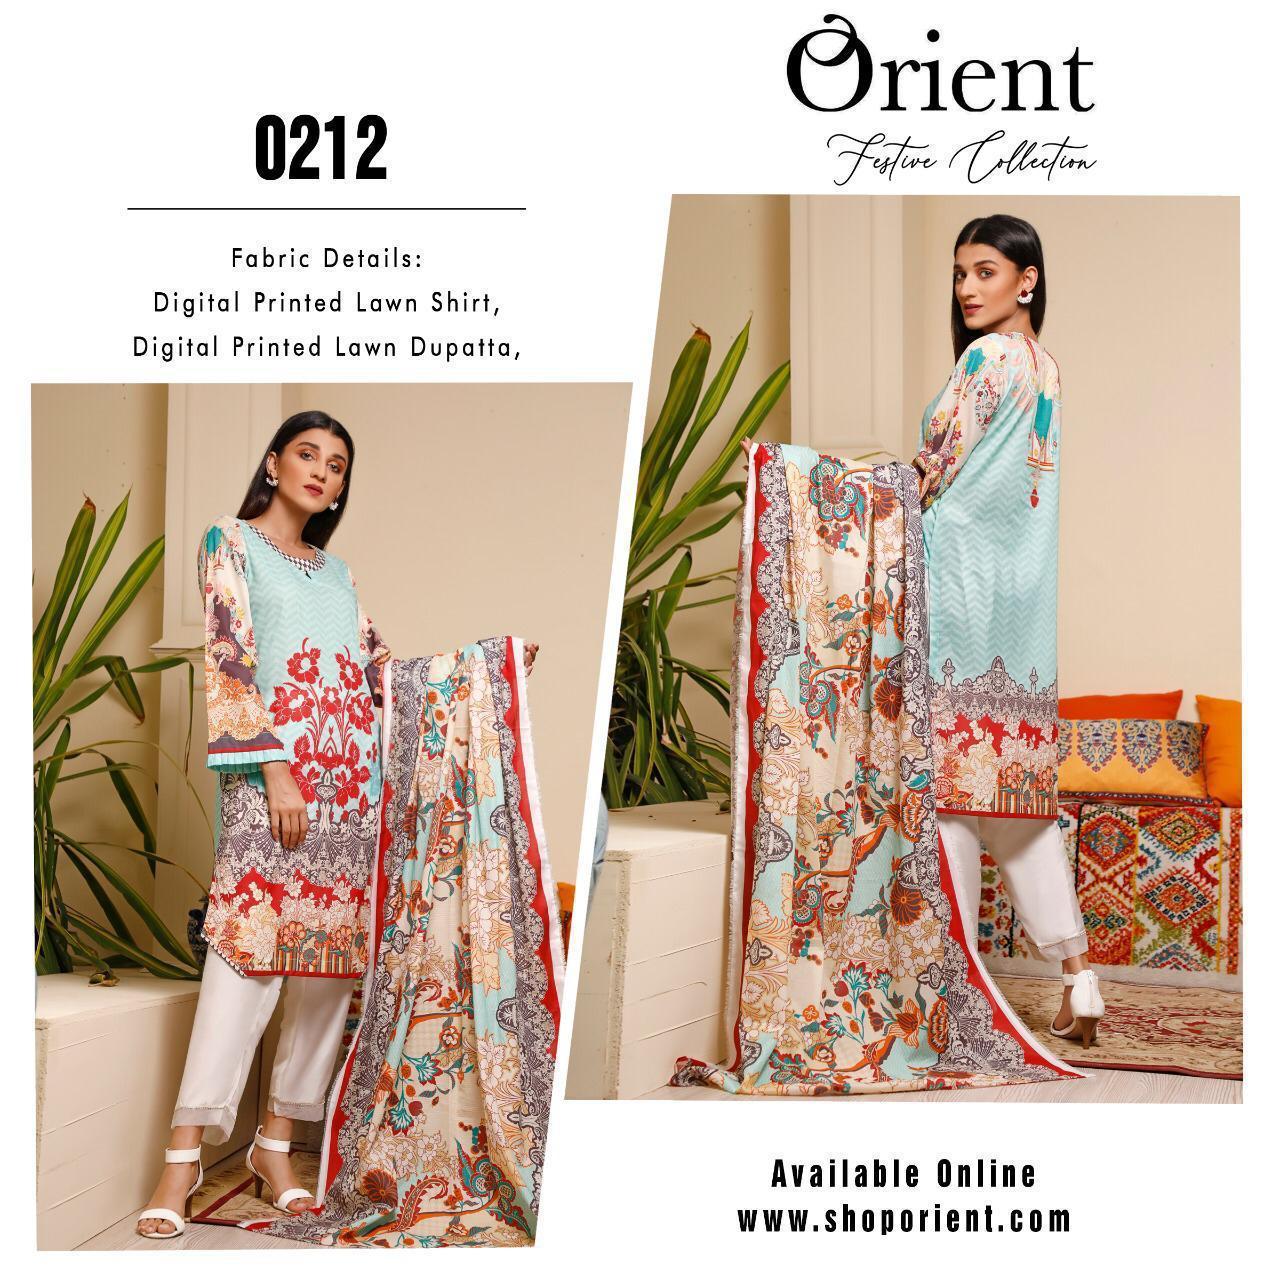 Orient Festive Collection Designer Airjet Luxury Lawn Suit With Lawn Dupatta Wholesale